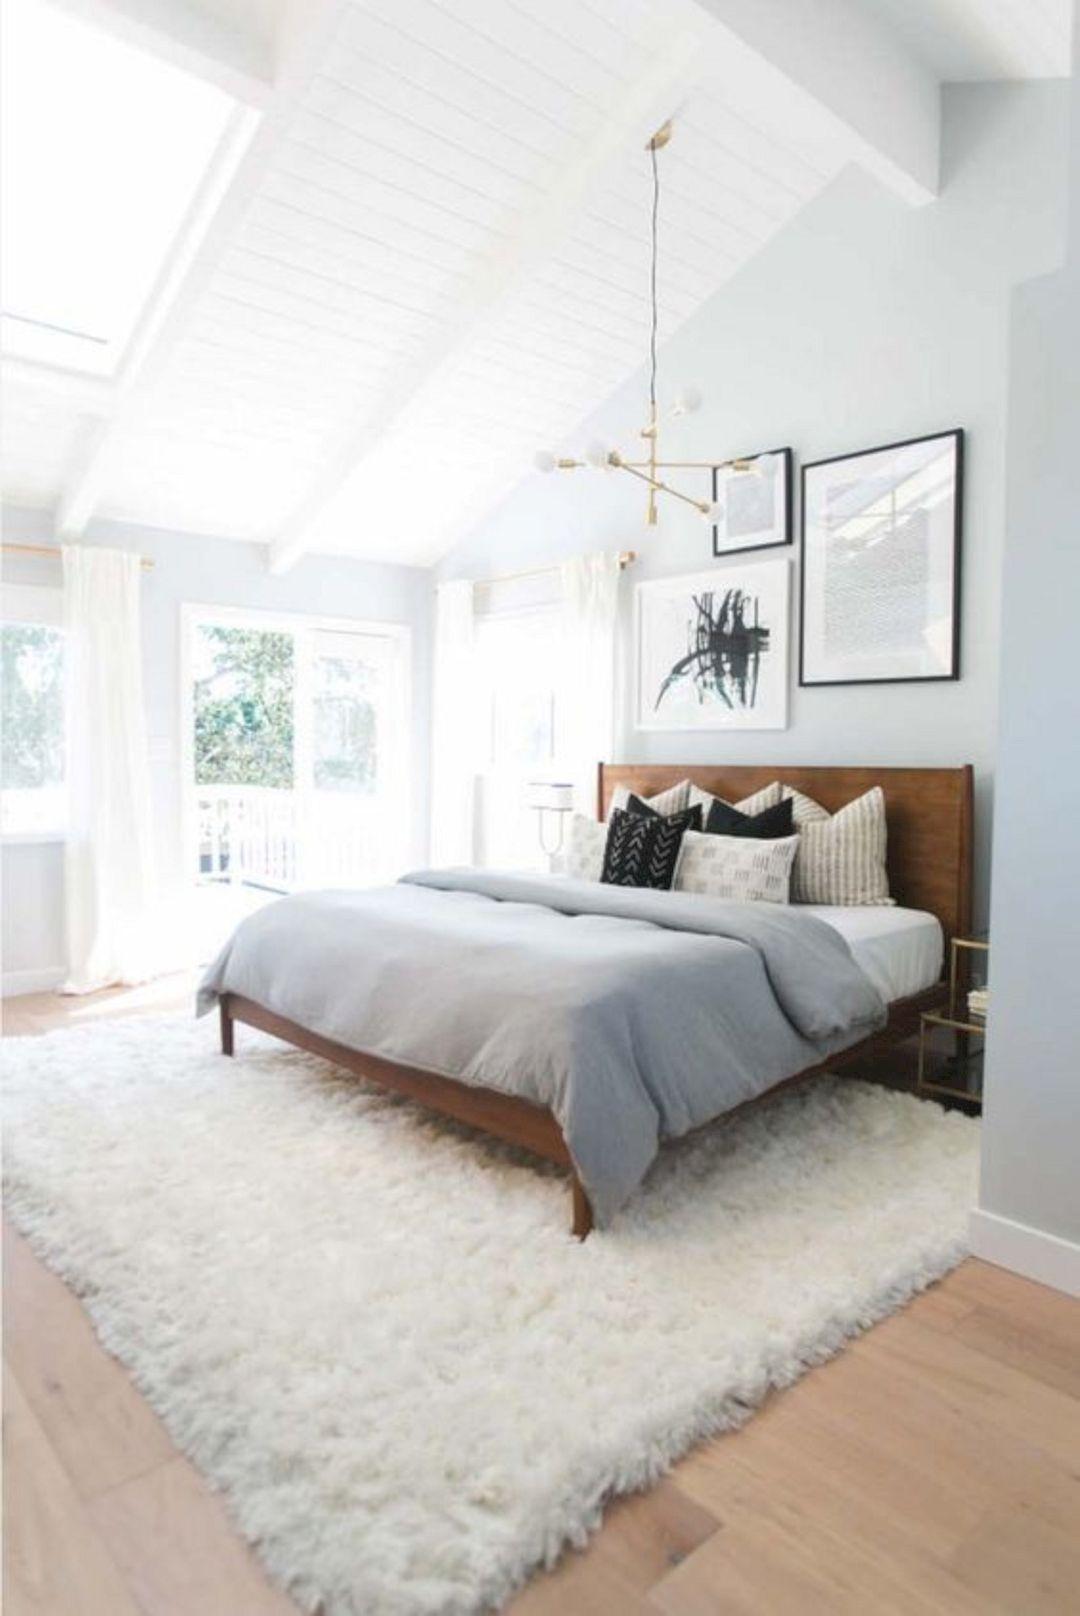 Rug Under Bed Is Great Bedroom Interior Bedroom Design Bedroom